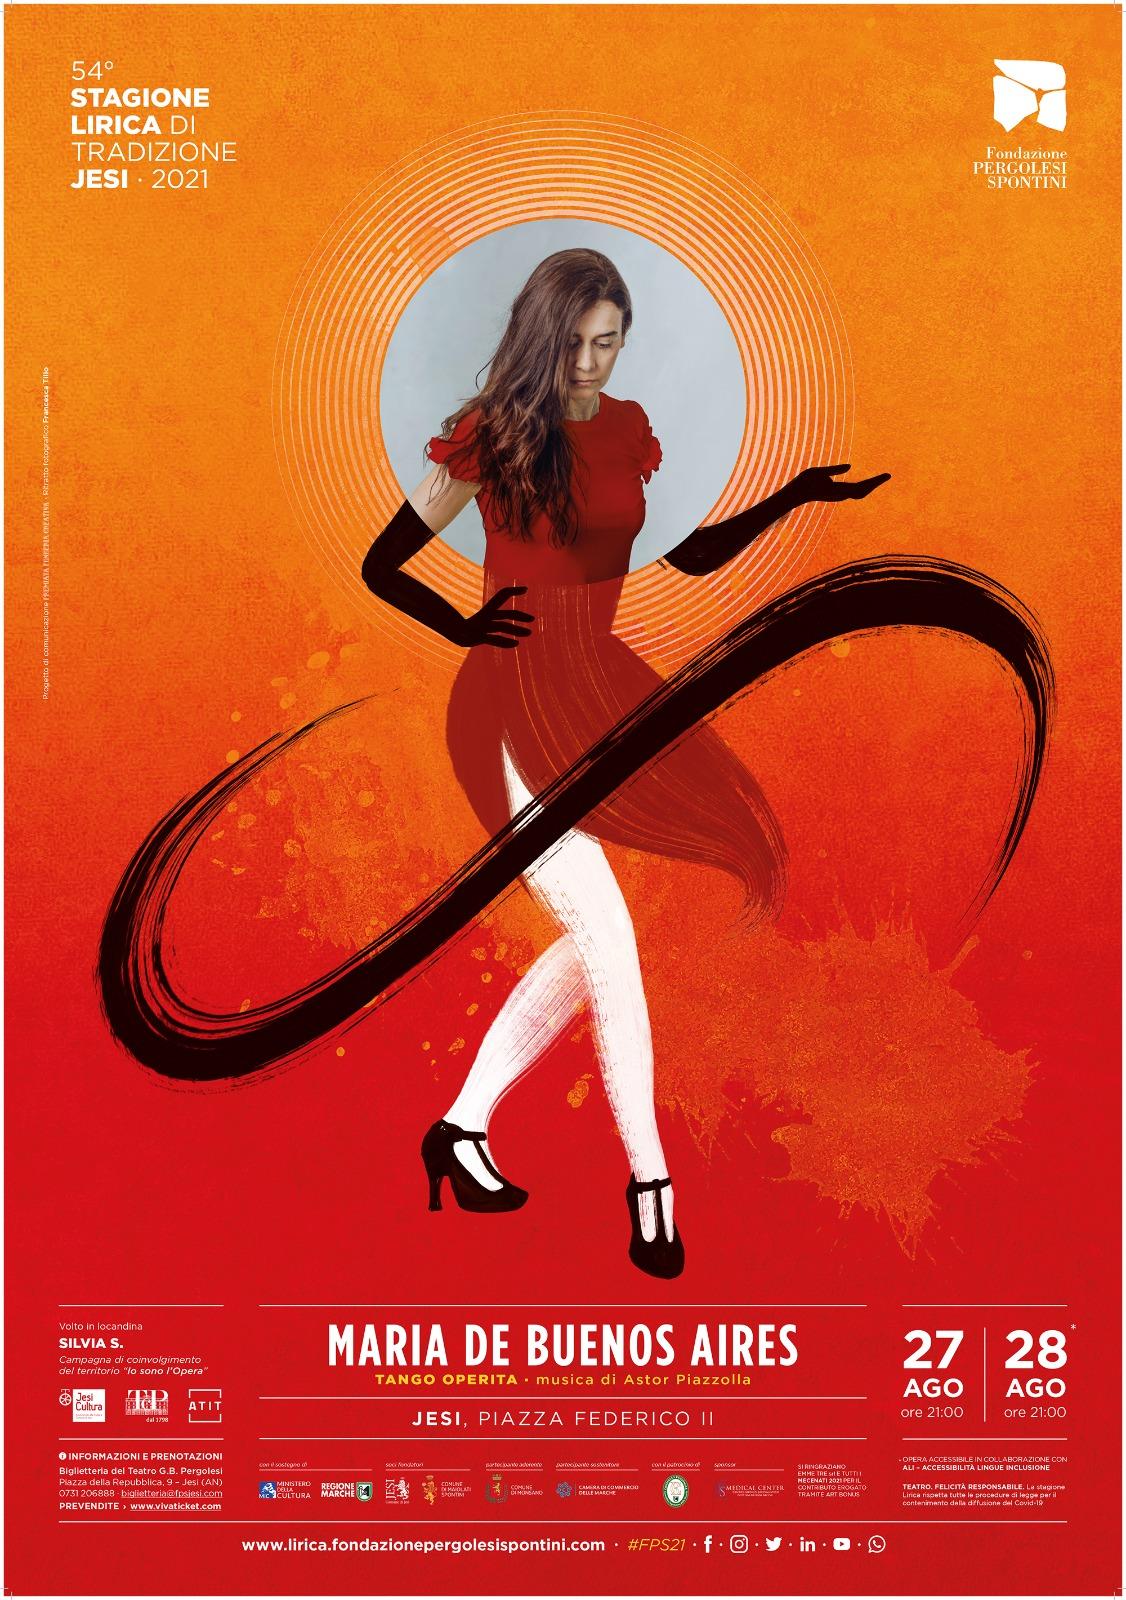 Manifesto_lirica_jesi_2021_silvia_segnan_per_maria_de_buenos_aires